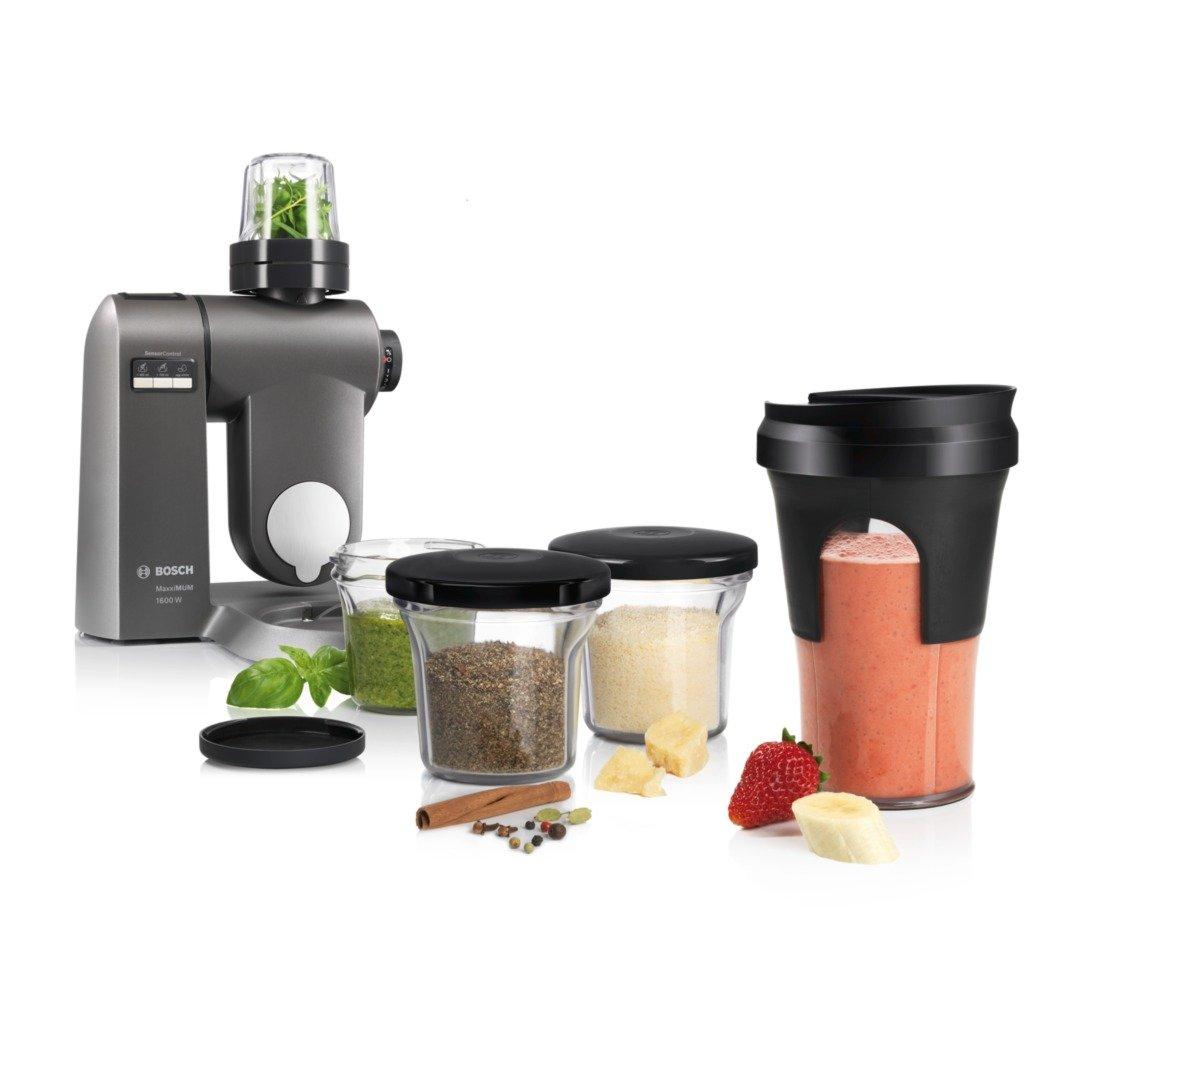 Bosch MUZ45XTM1 - Accesorios para procesadores de alimentos y robots de cocina, color negro y transparente: Amazon.es: Hogar